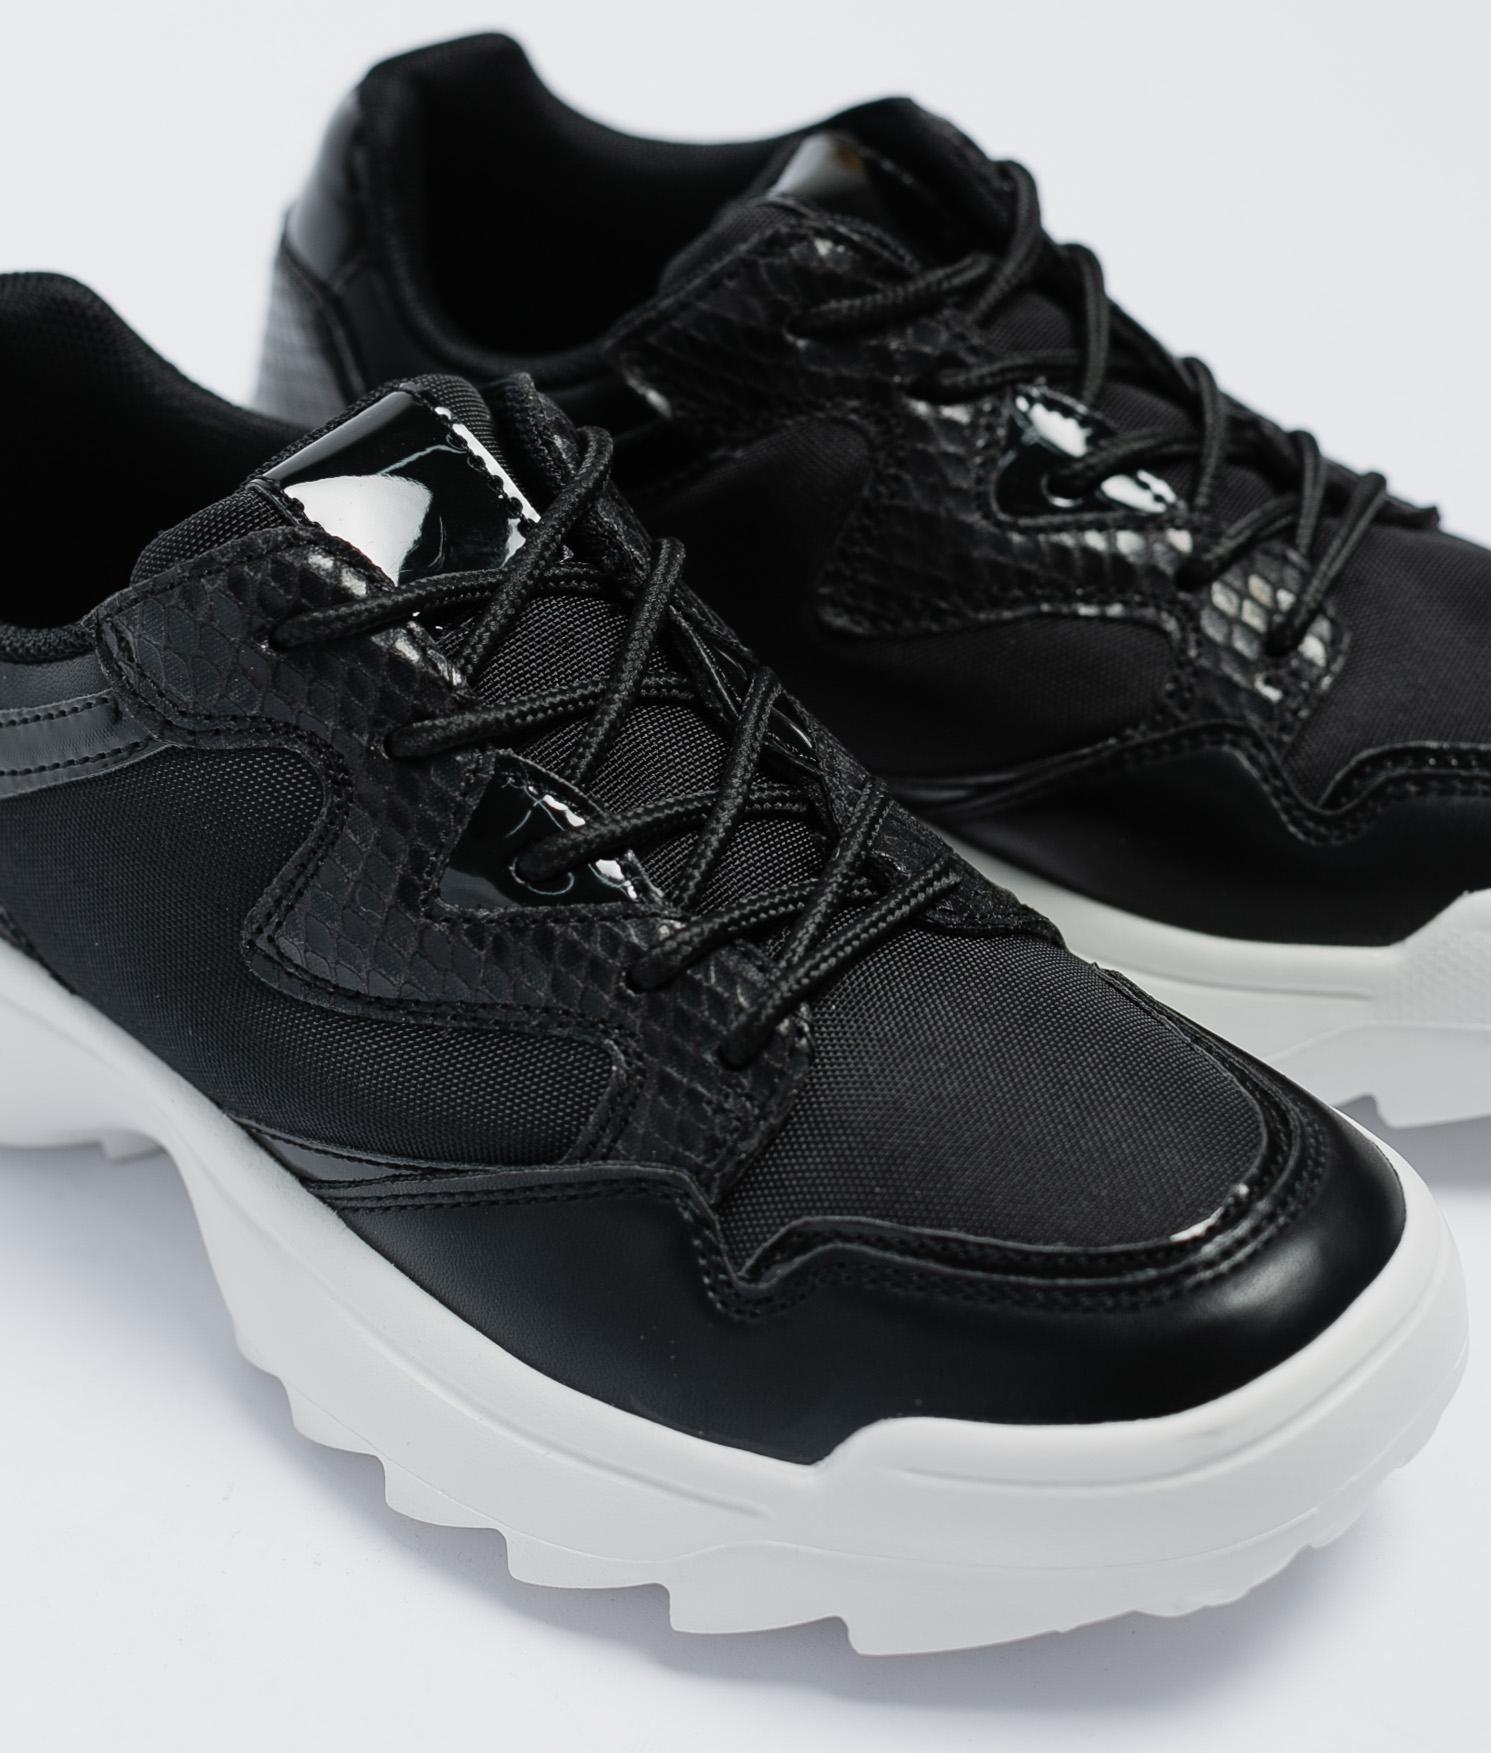 Sneakers Graza - Black